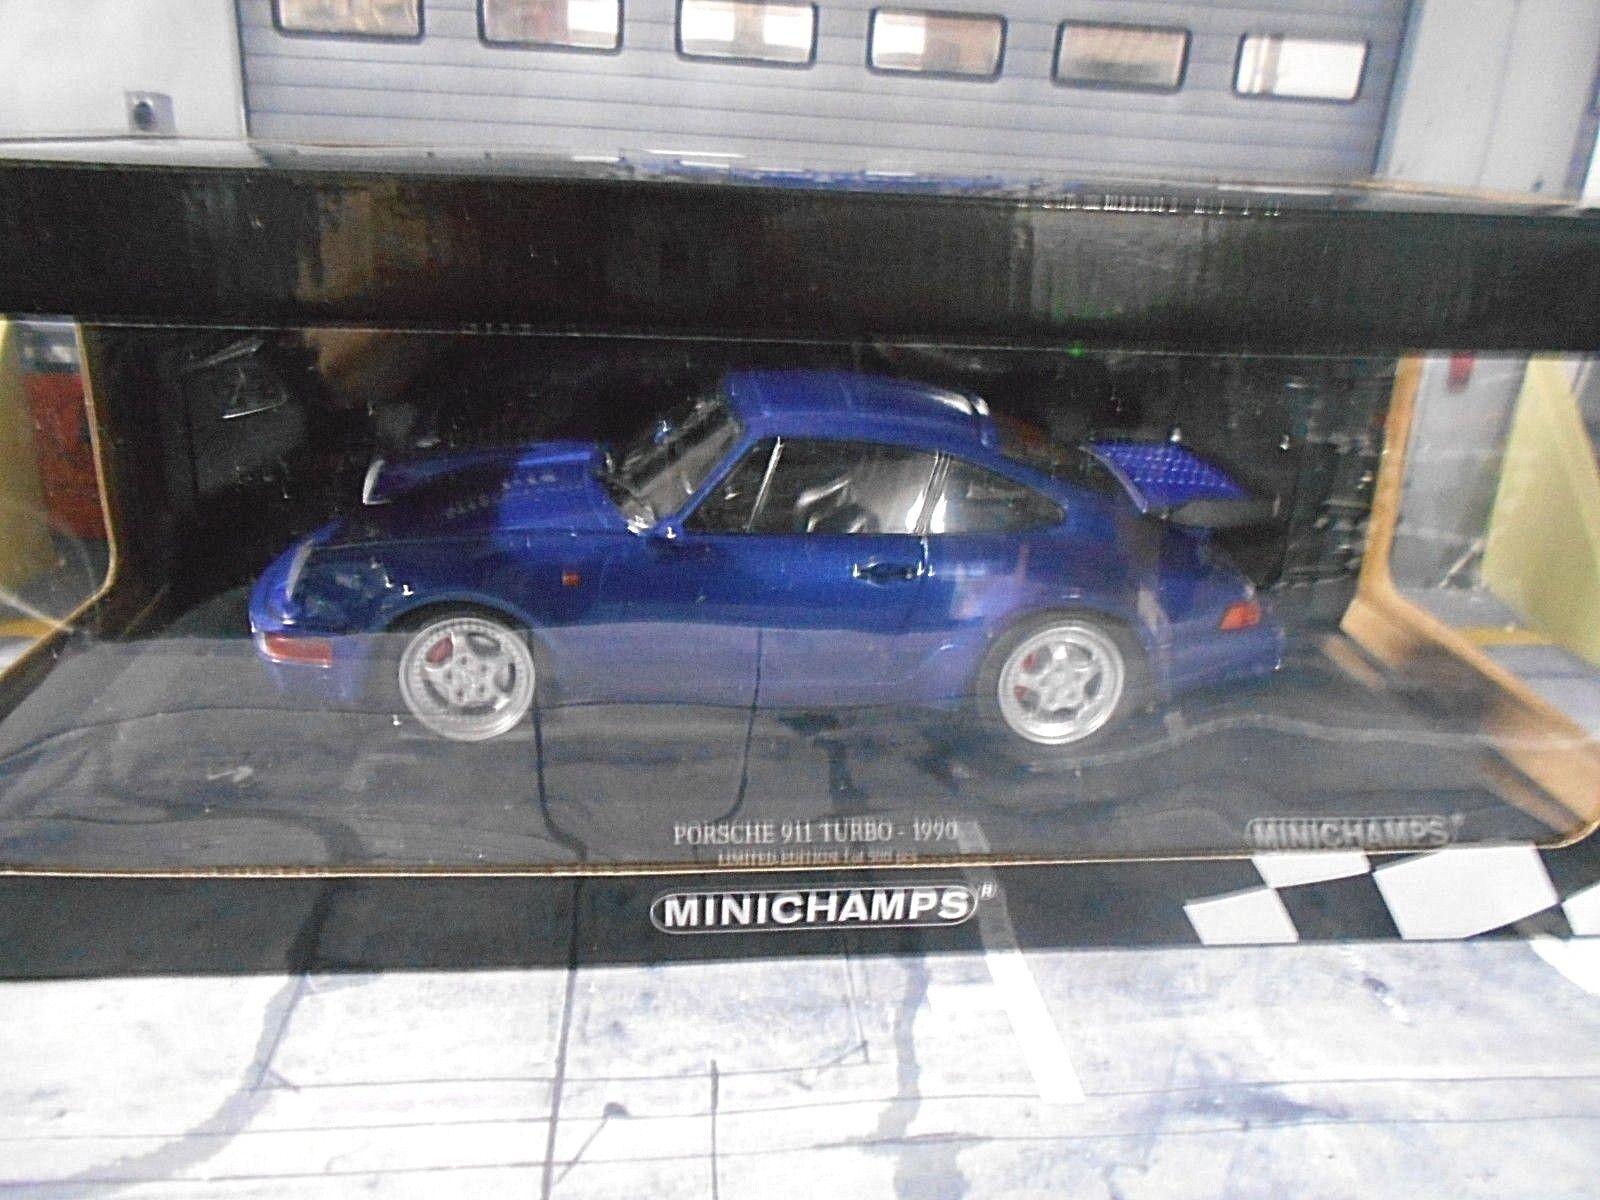 Porsche 911 964 Turbo Turbo Turbo Coupe 1990 azul azul New nuevo Minichamps DIECAST 1 18 d3e702